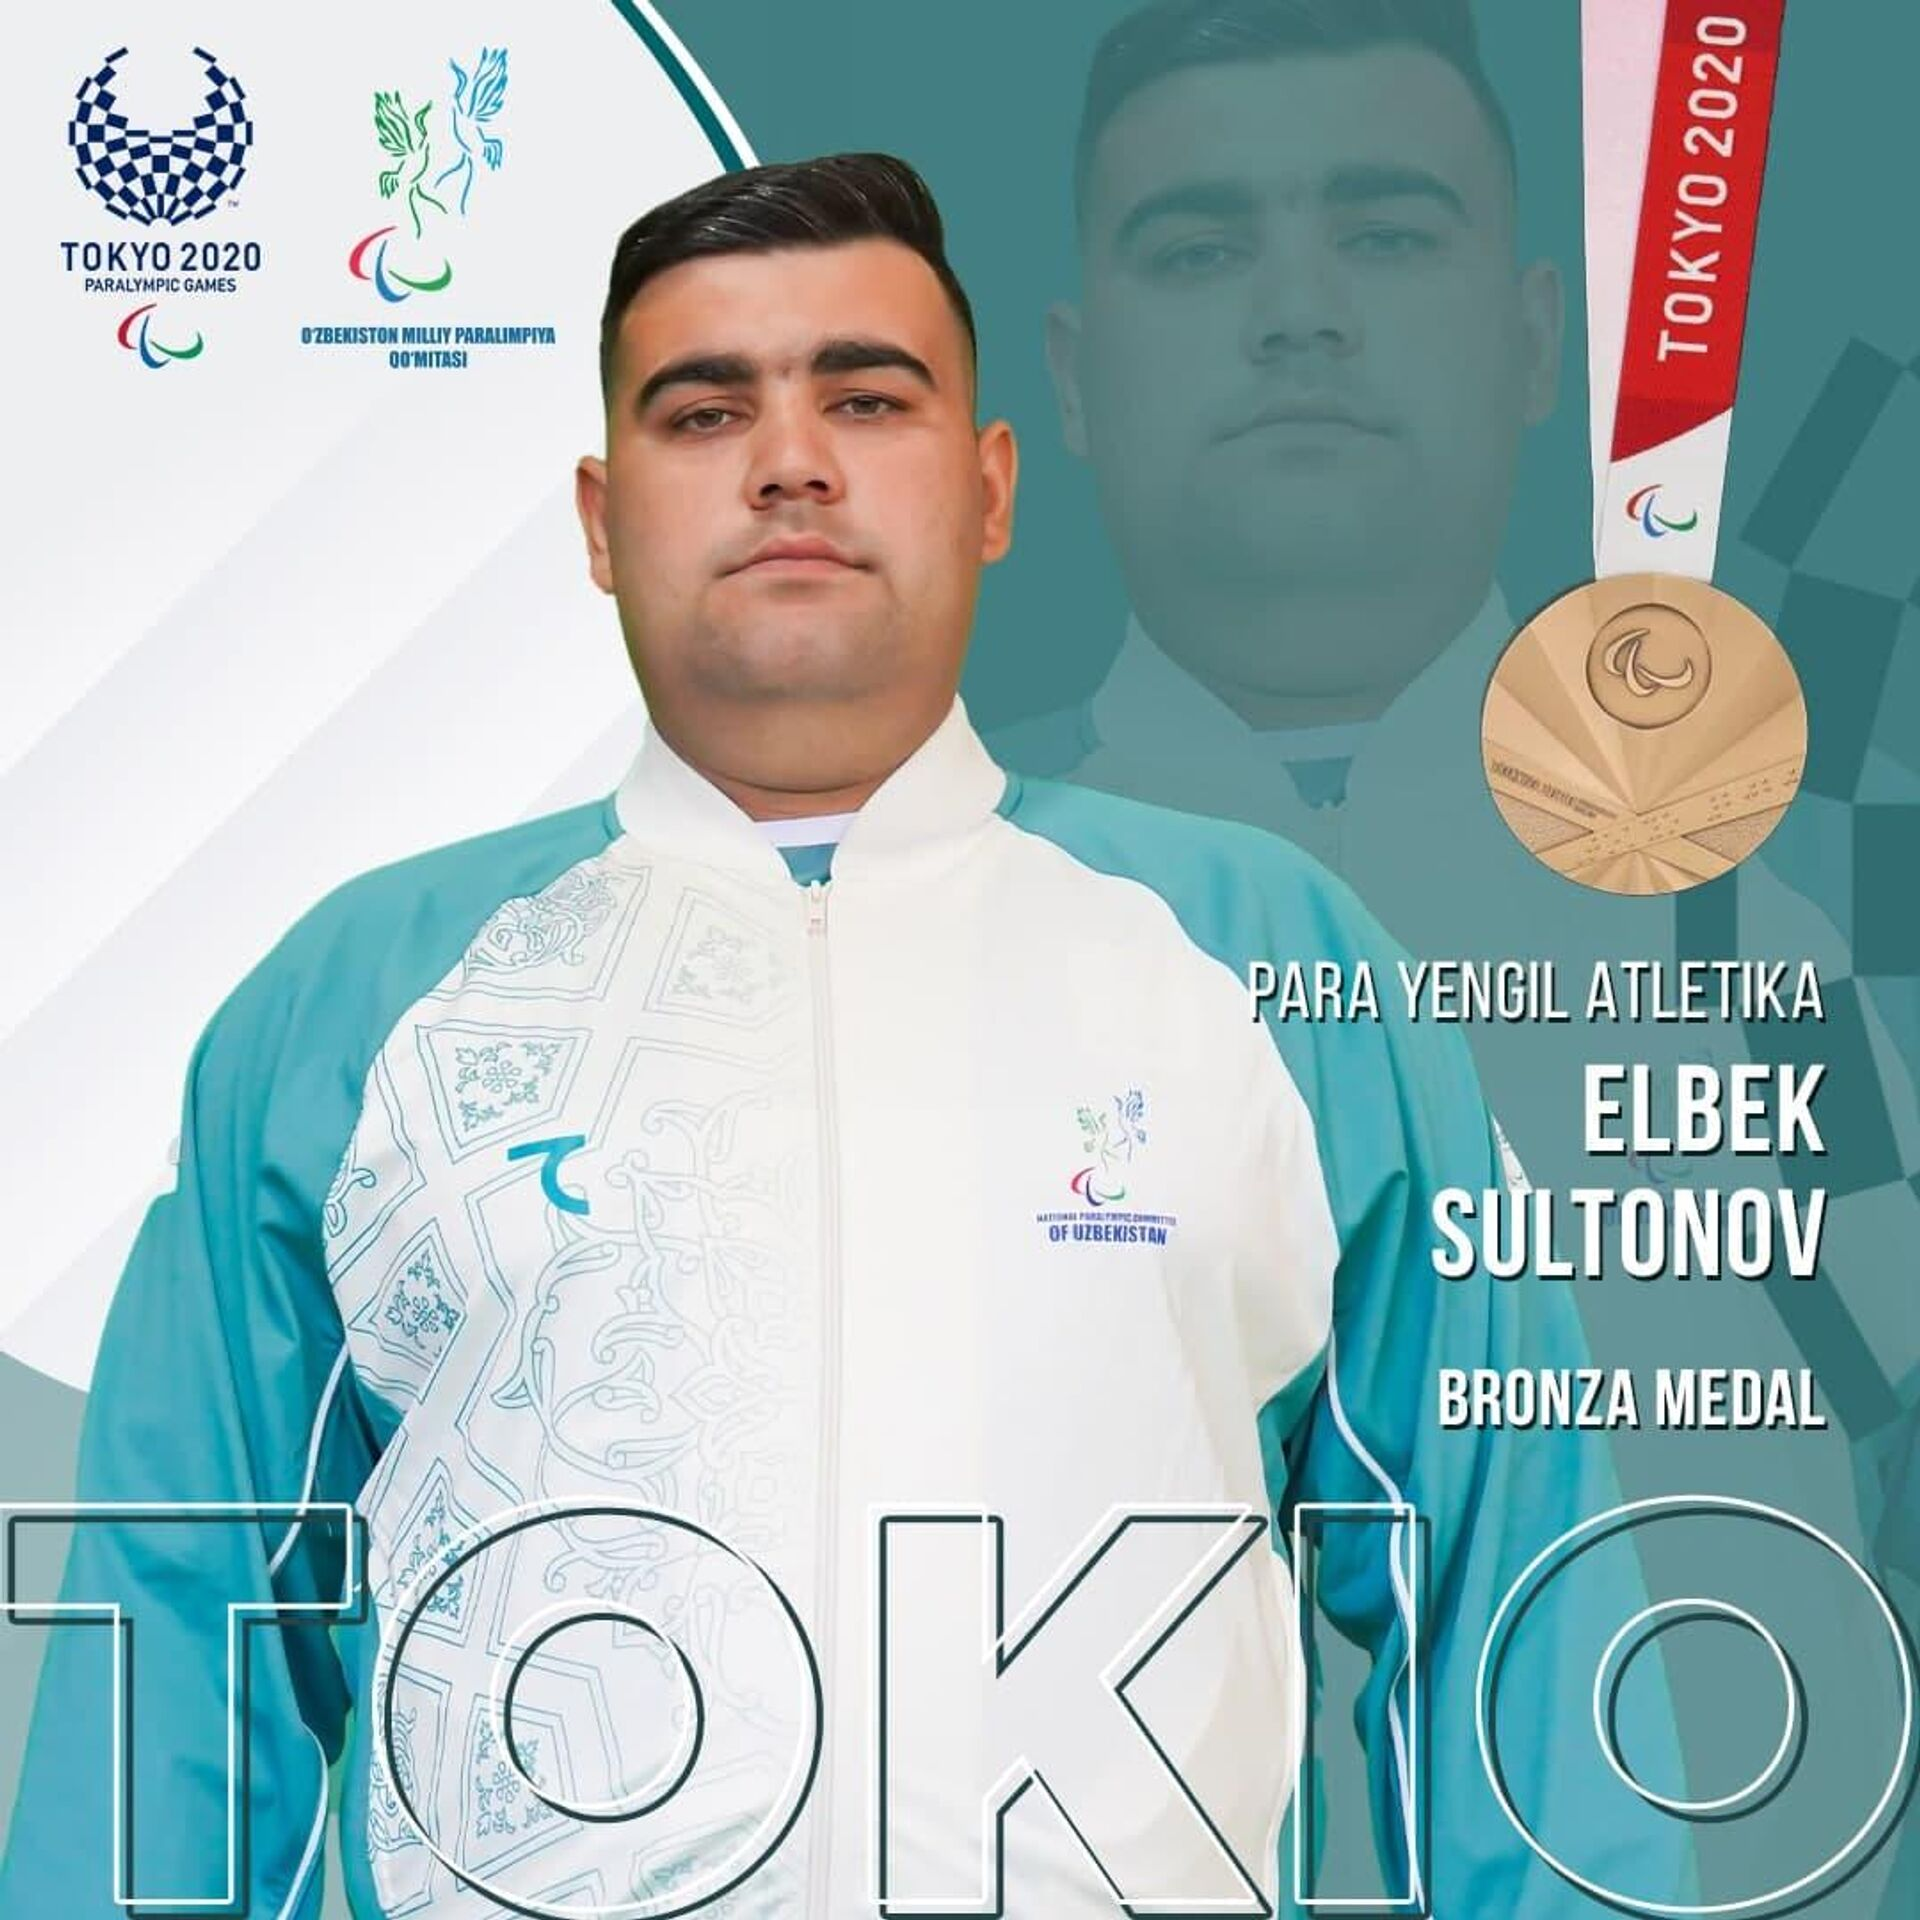 Элбек Султонов - Sputnik Узбекистан, 1920, 28.08.2021